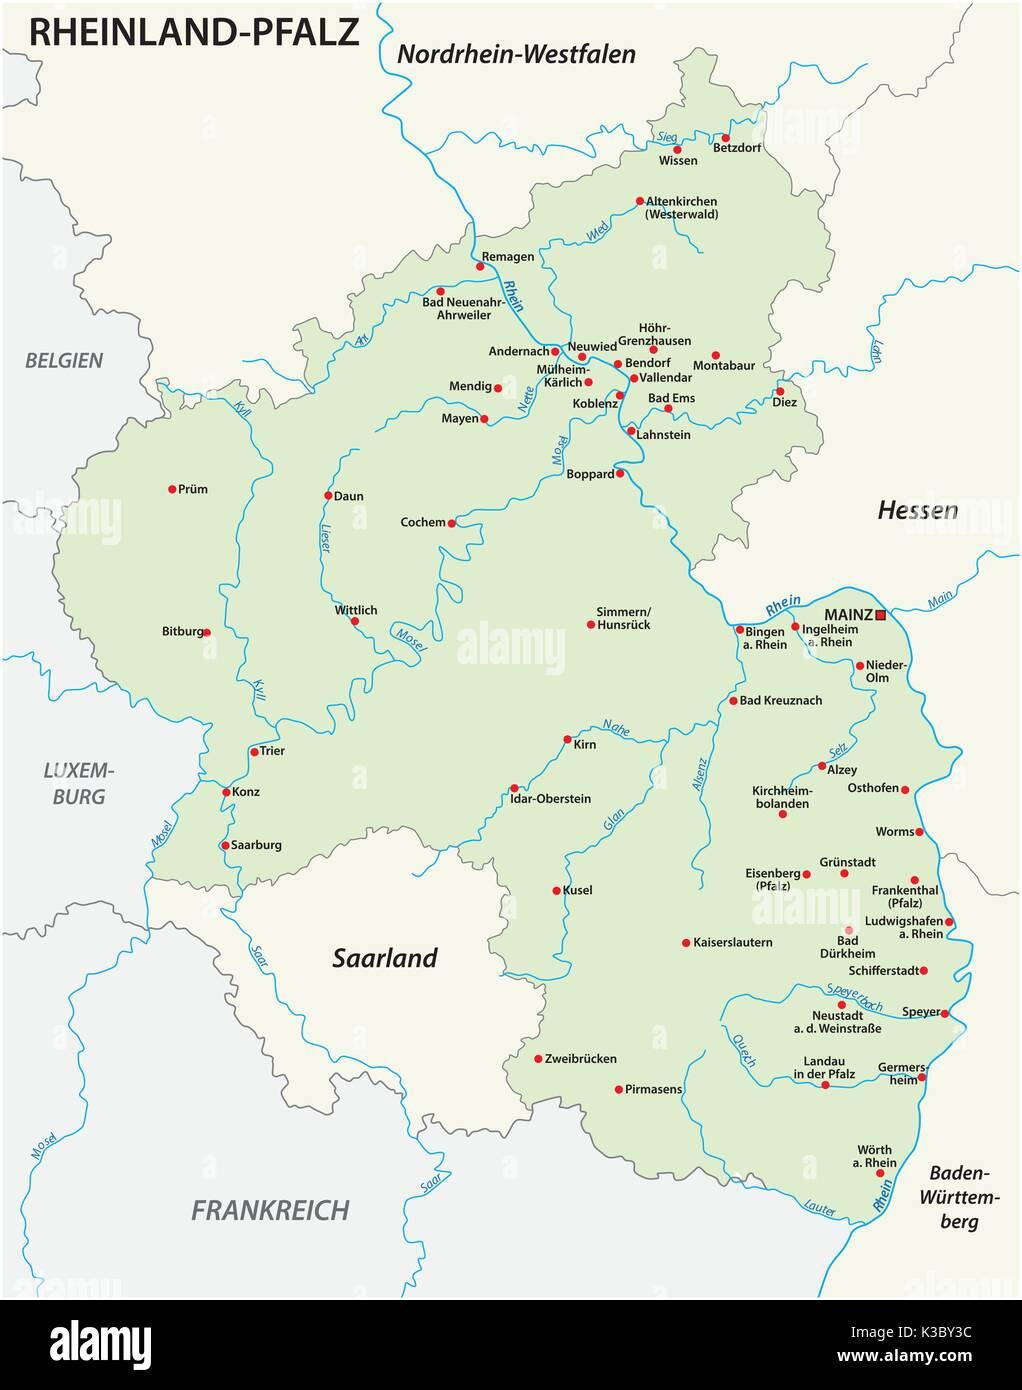 Rhineland palatinate map in german language stock vector art rhineland palatinate map in german language gumiabroncs Images